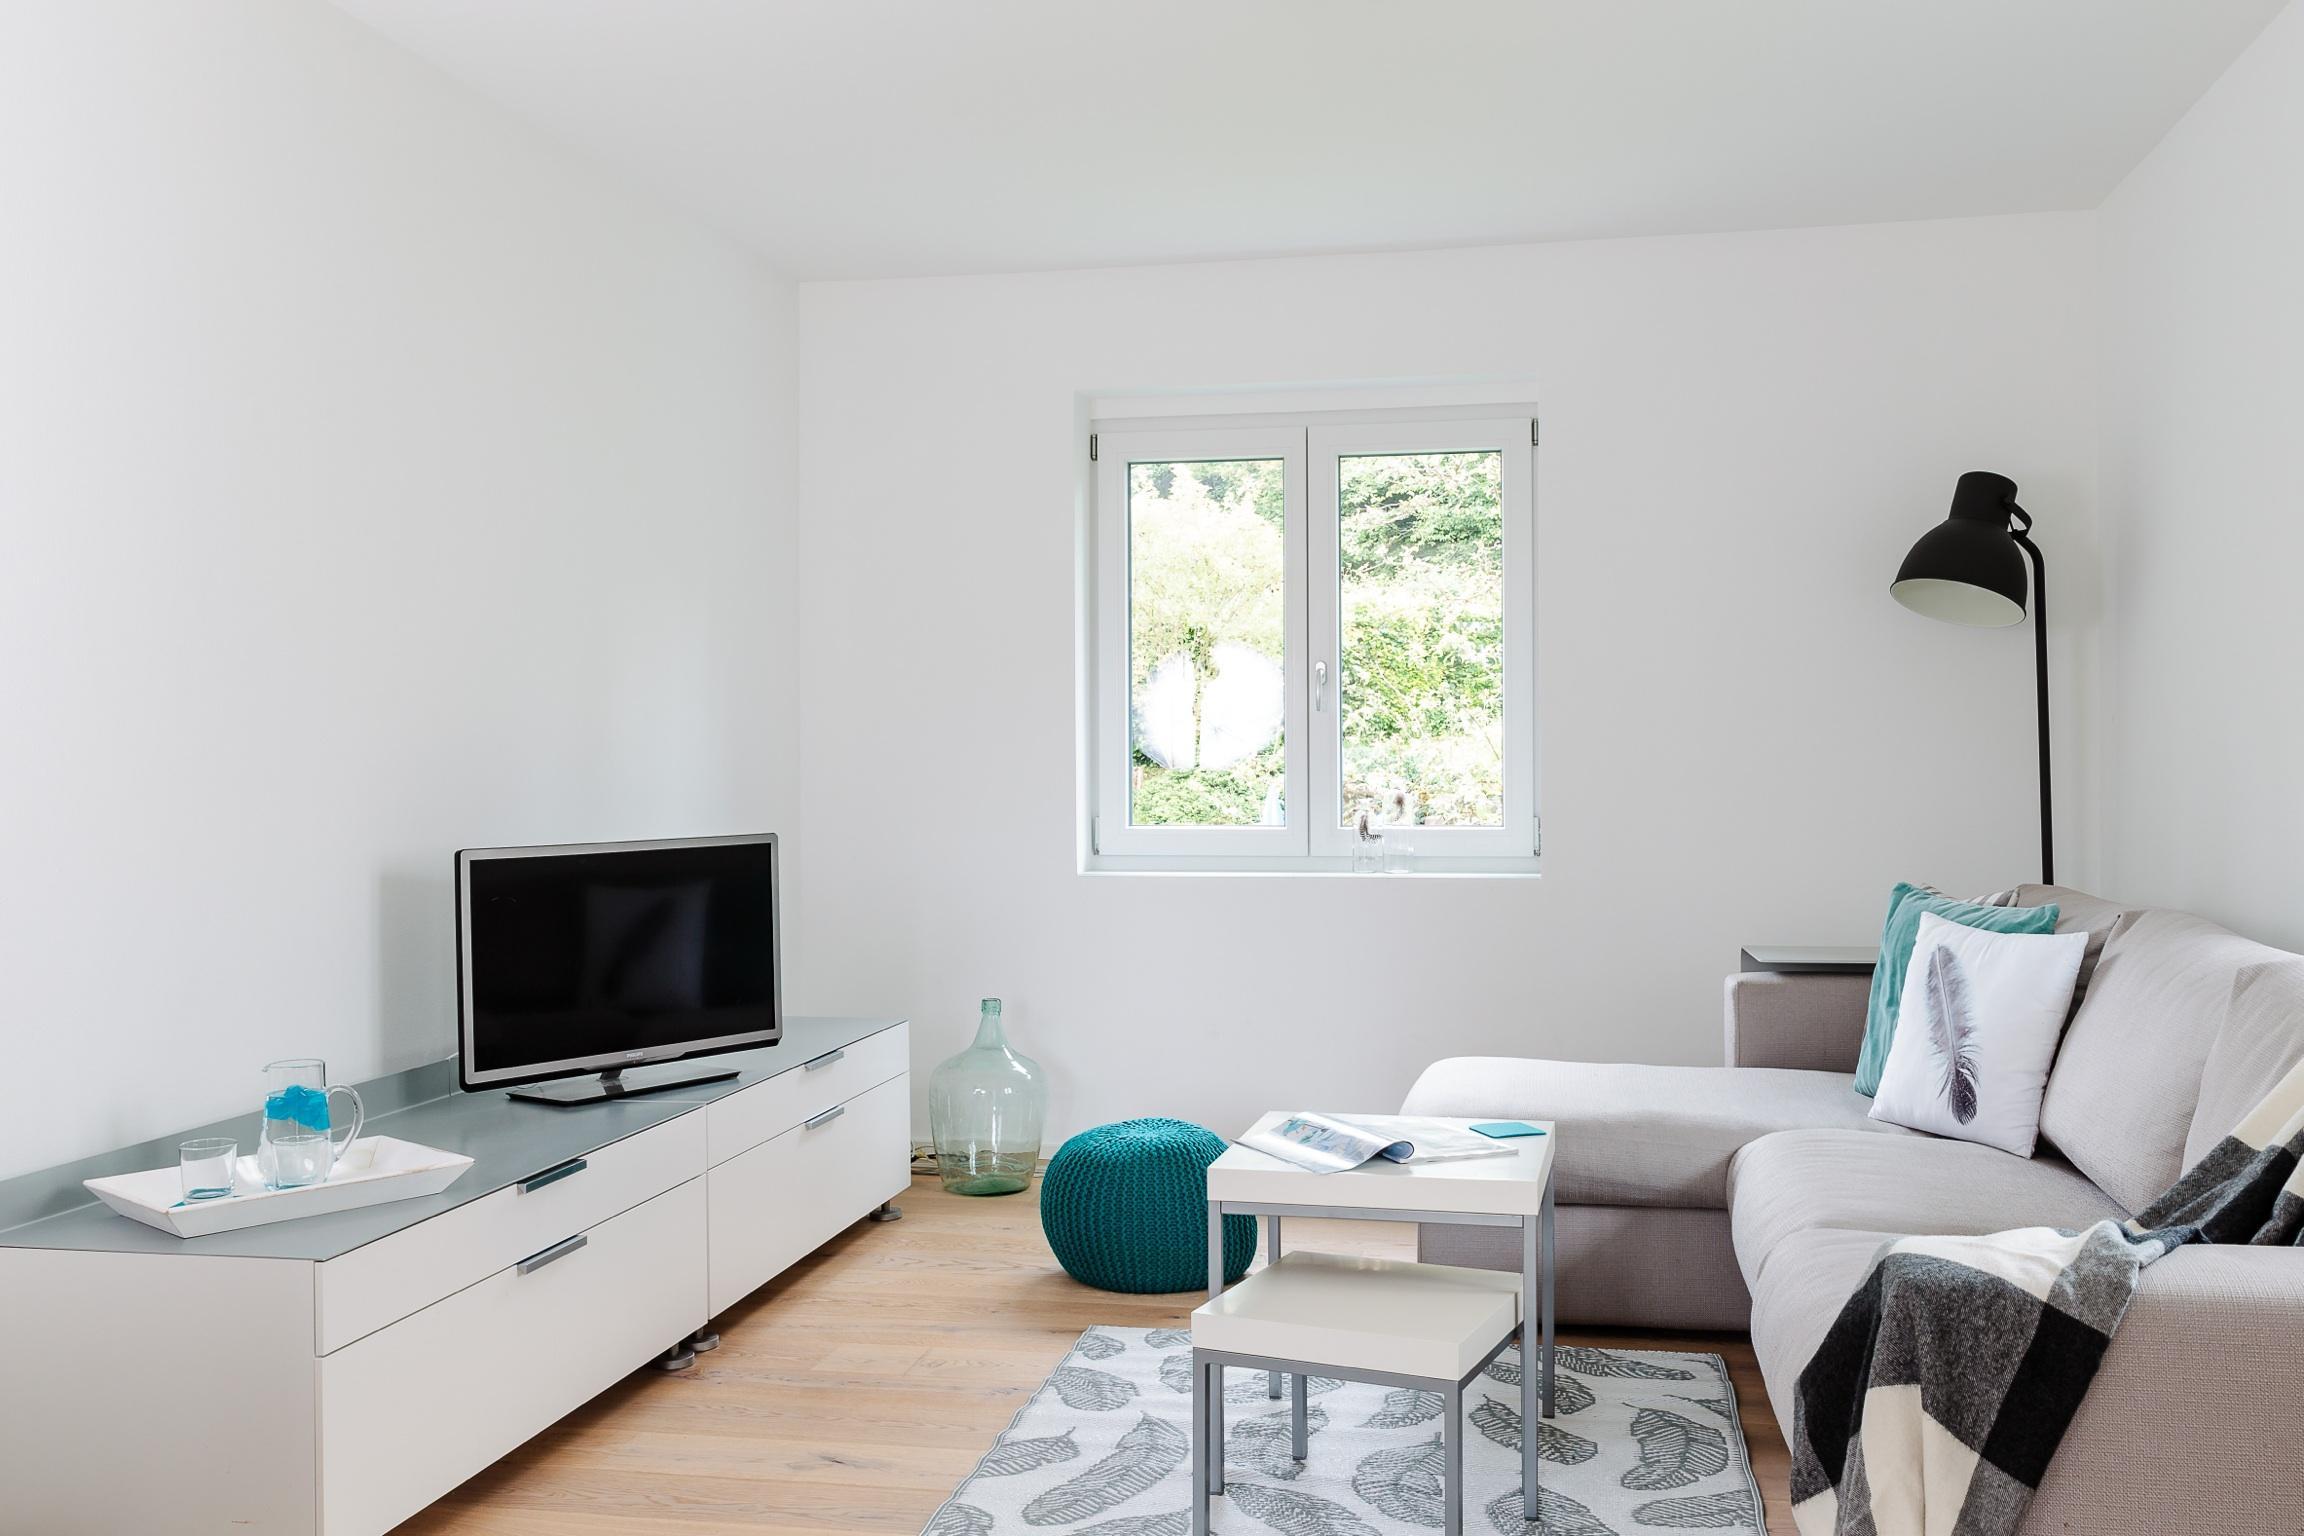 Wohnzimmergestaltung Wohnzimmer CHome Staging Nadine Fischer